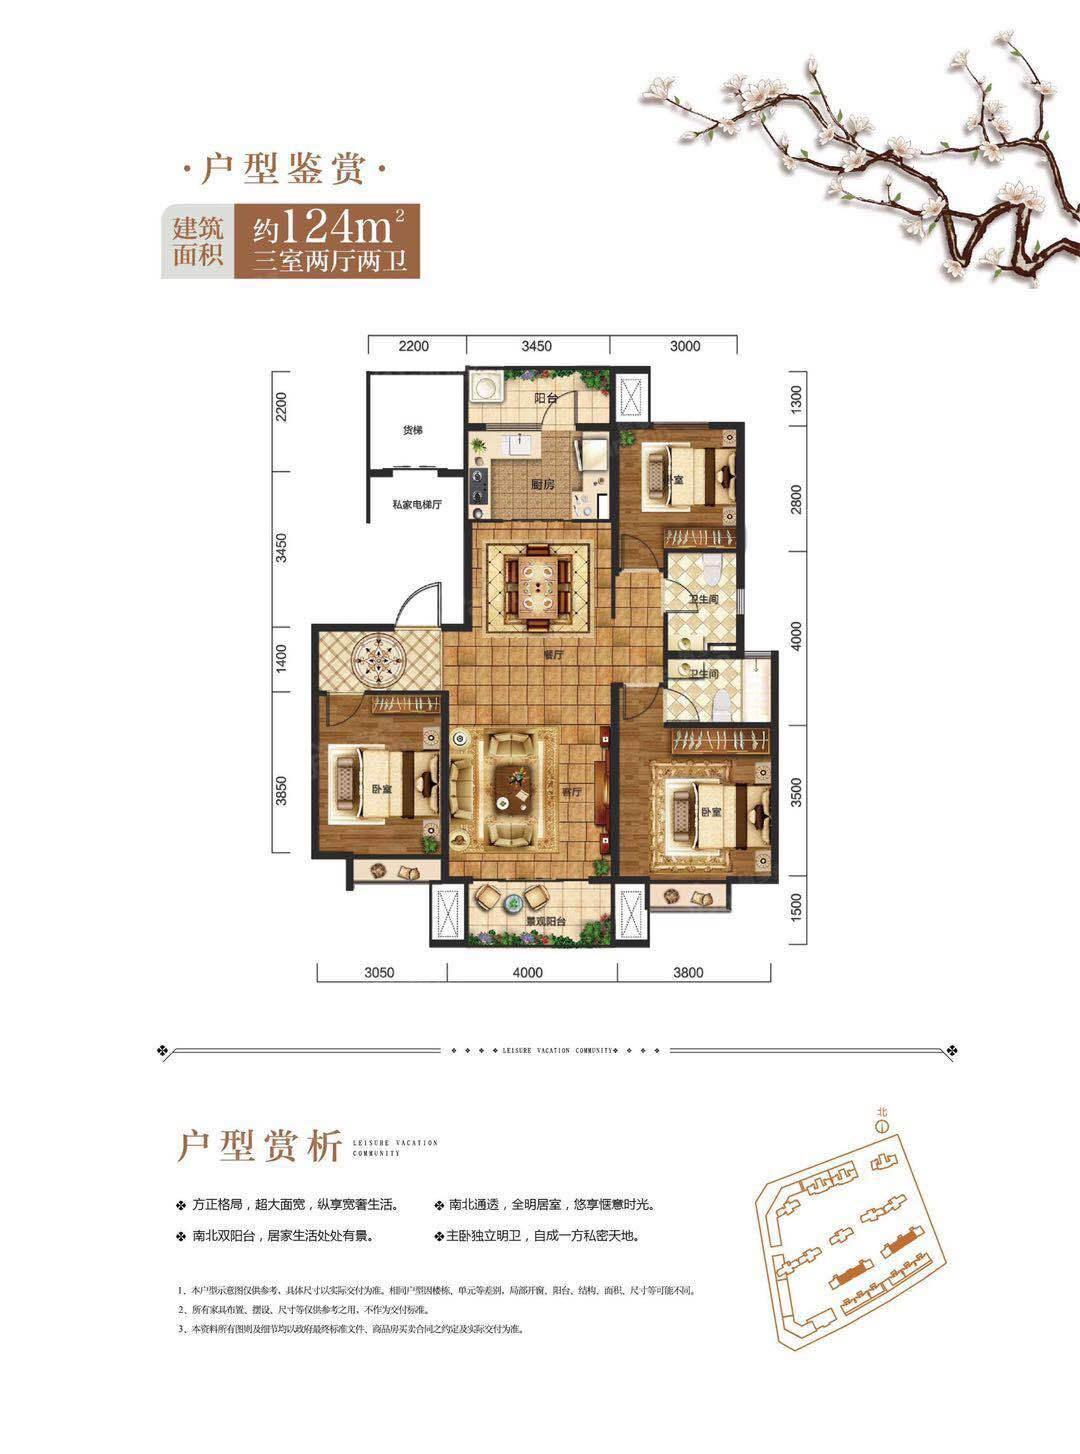 秀兰御府3室2厅2卫户型图